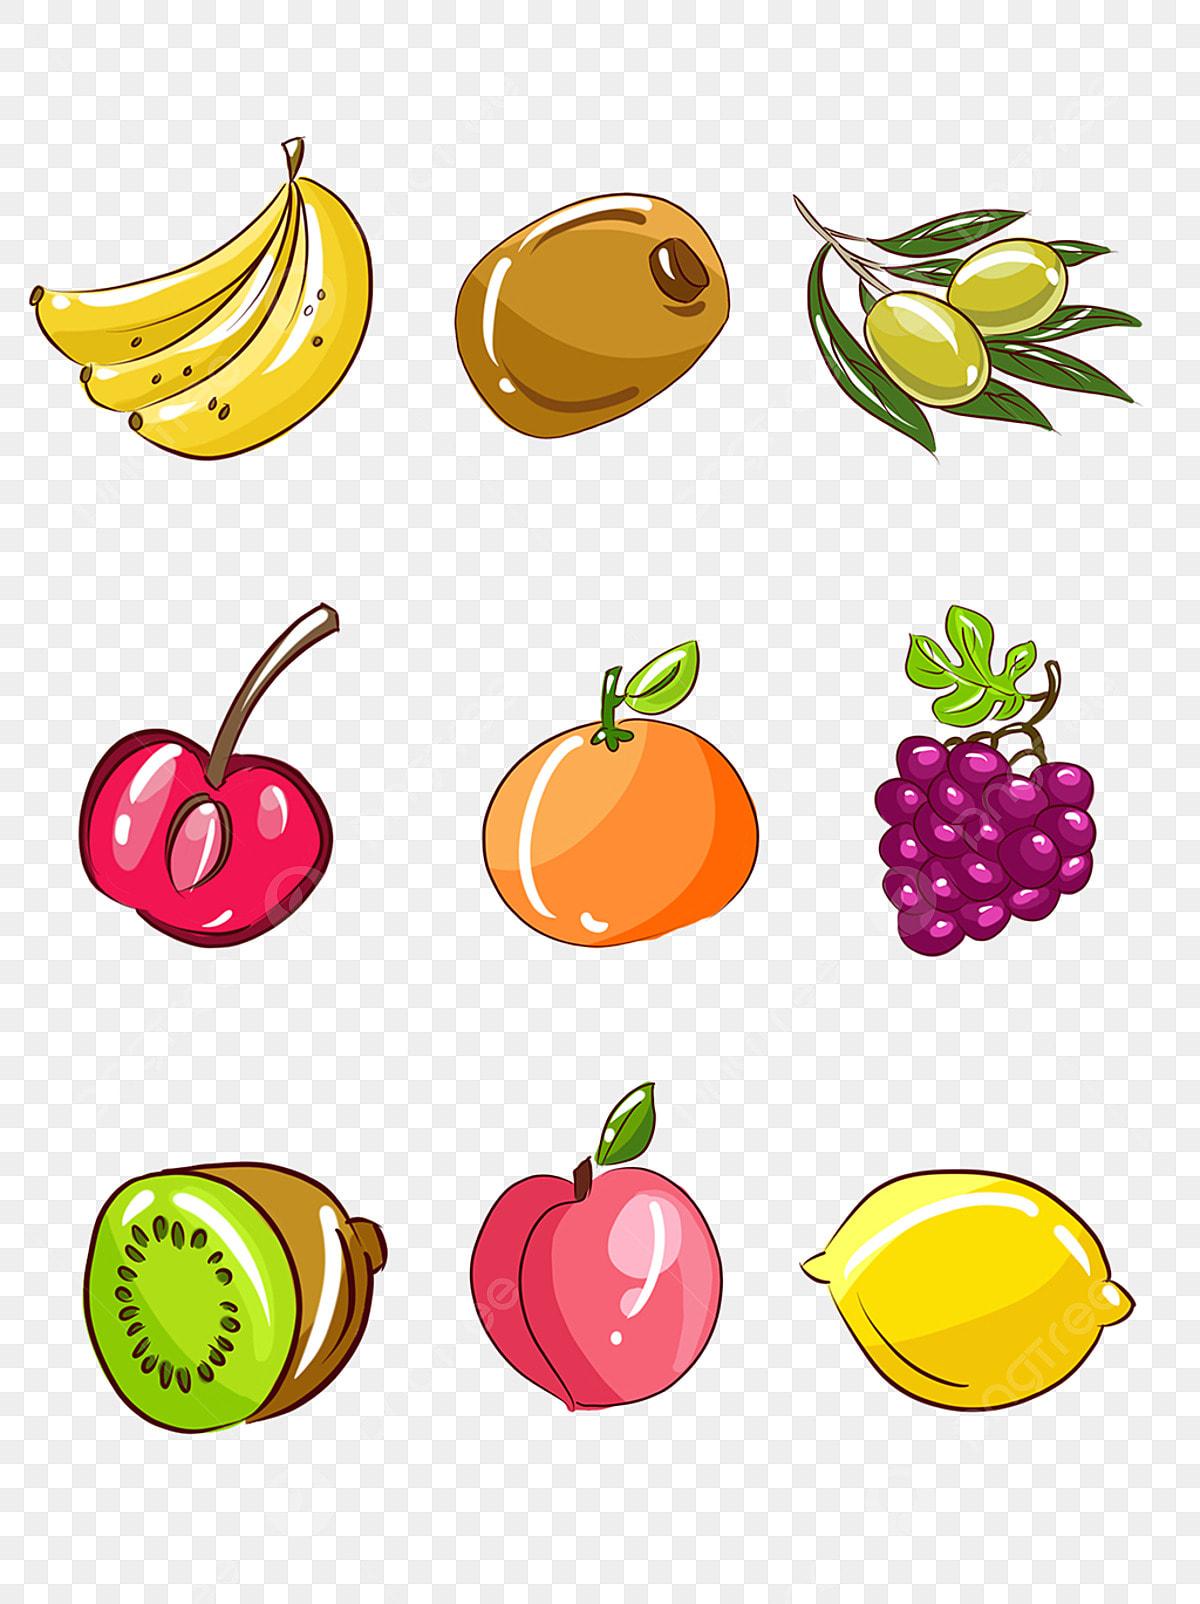 عقد الفواكه والخضروات من المزارعين سلة الخضروات كرتون المزارع هات مان Png وملف Psd للتحميل مجانا